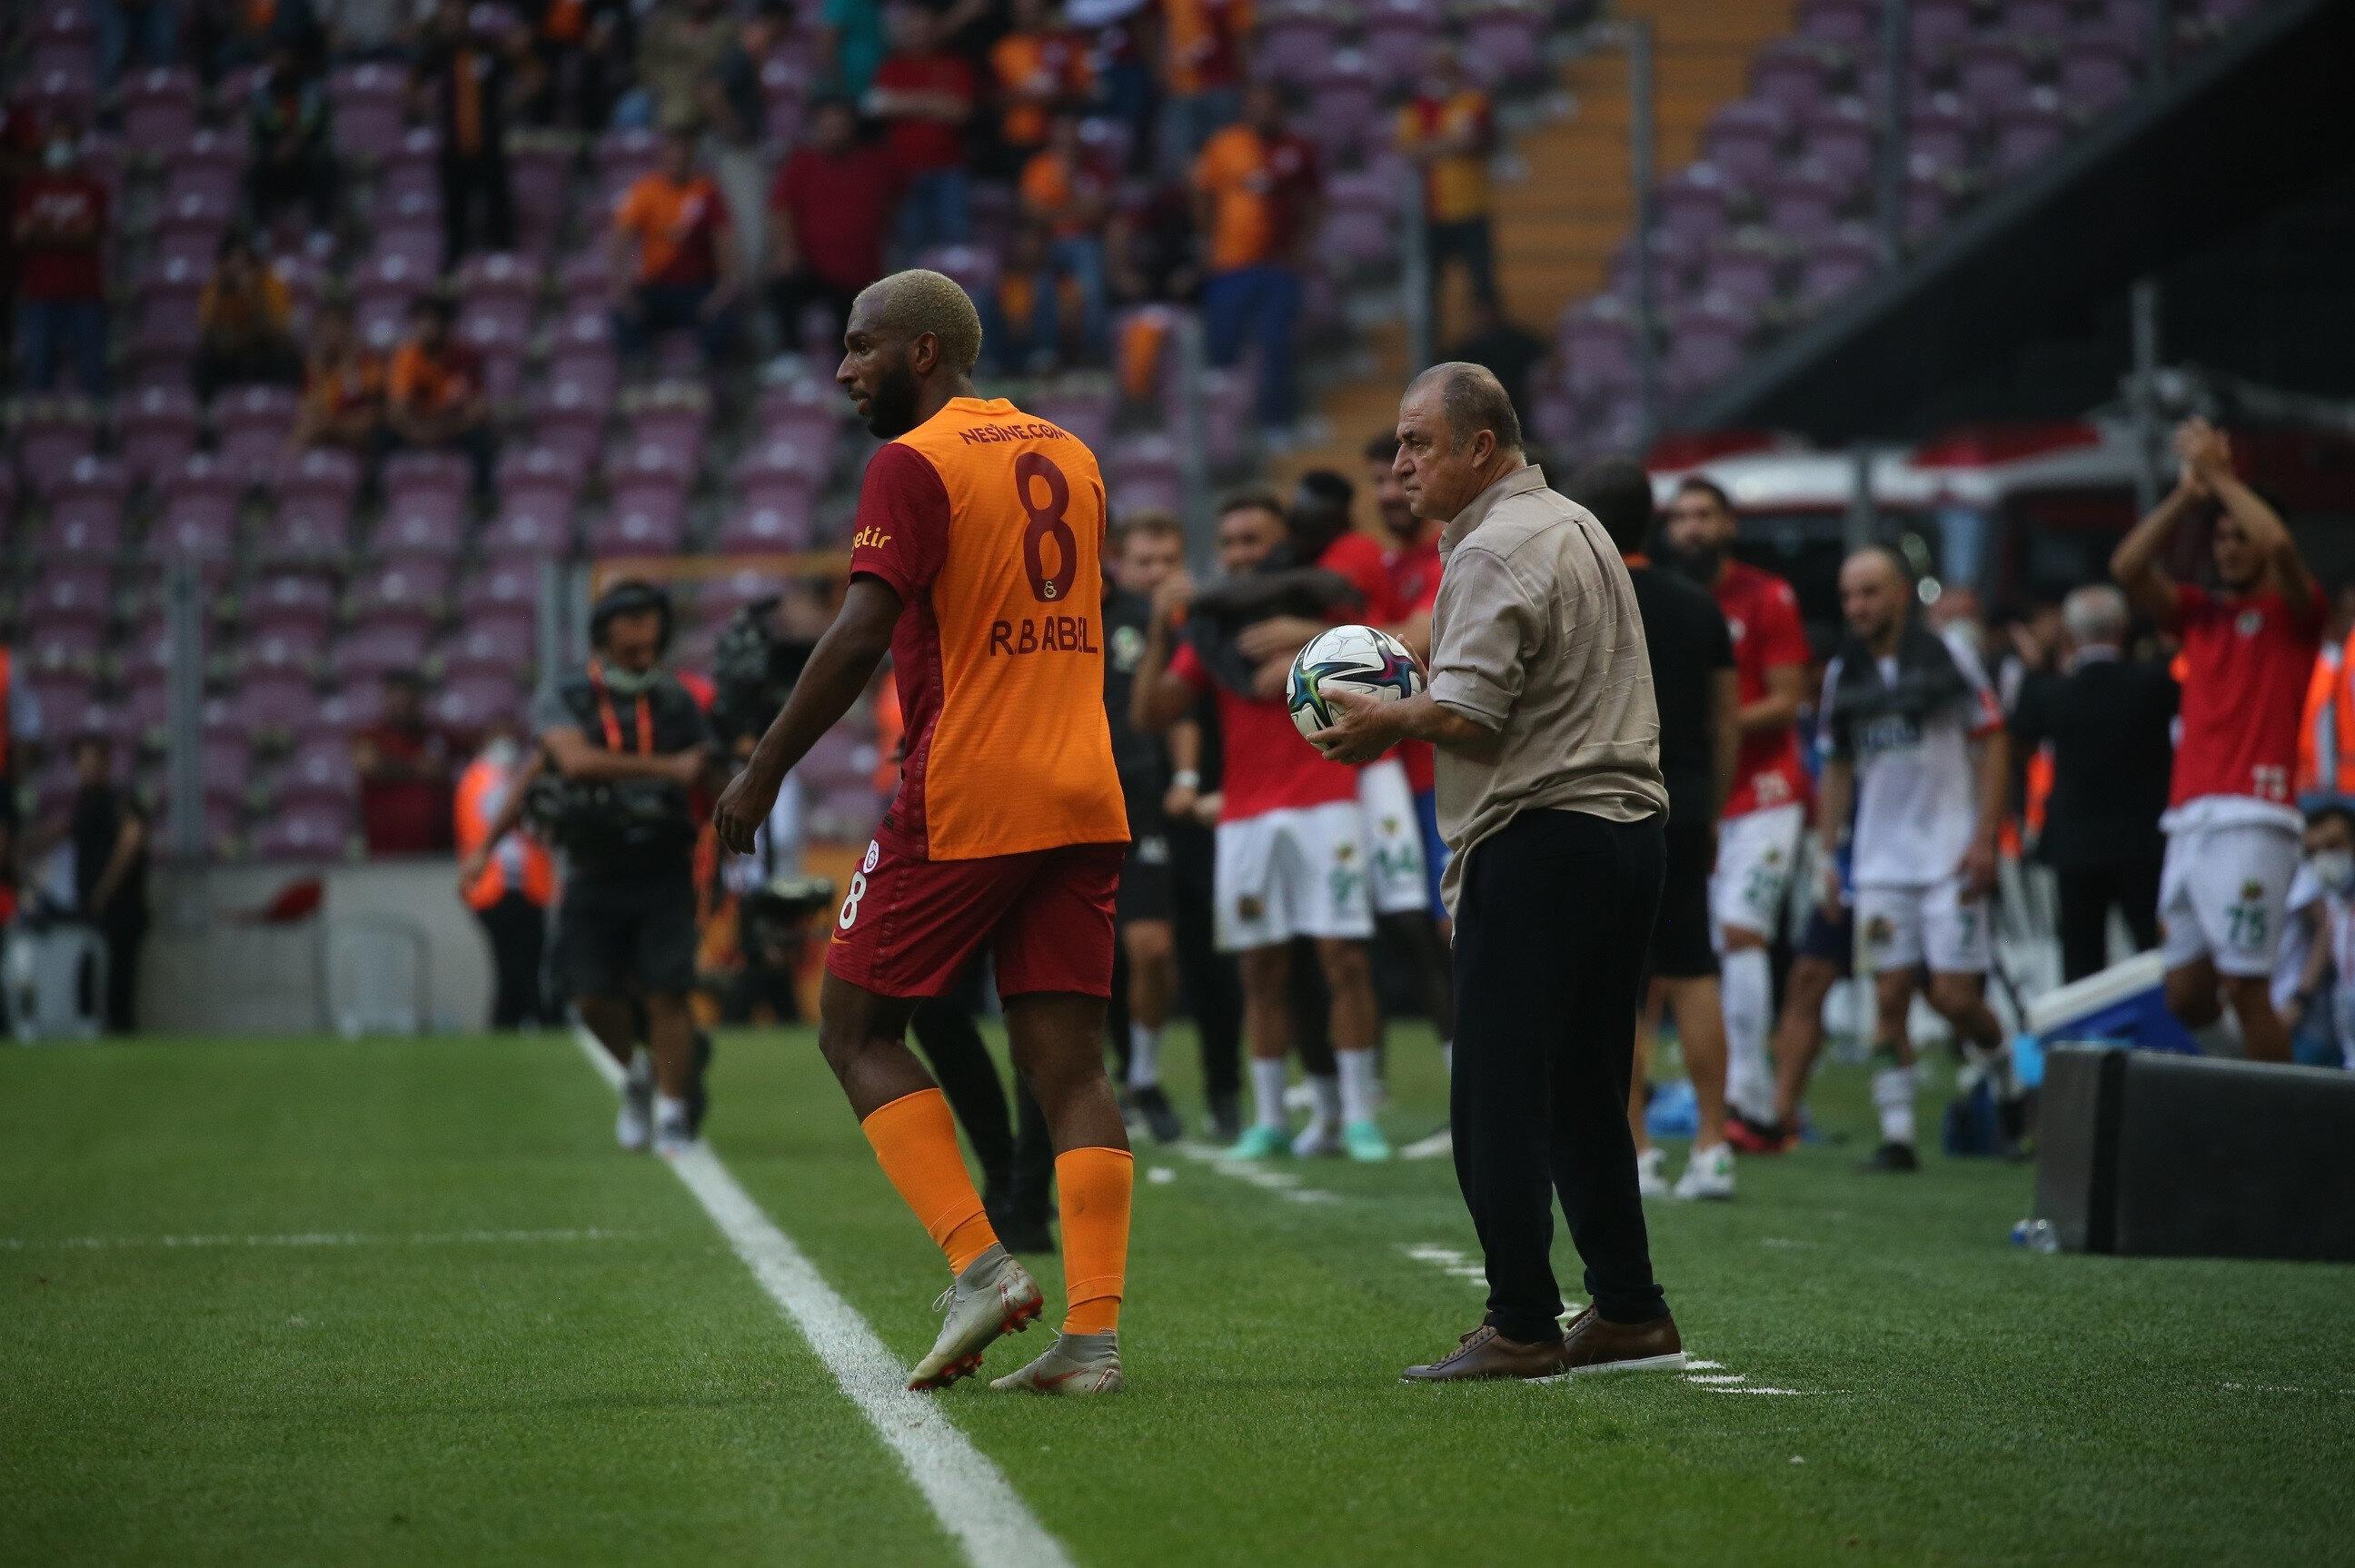 Babel, bu sezon toplam 12 maçta (410 ) forma giyerken sadece 1 asist yapabildi.